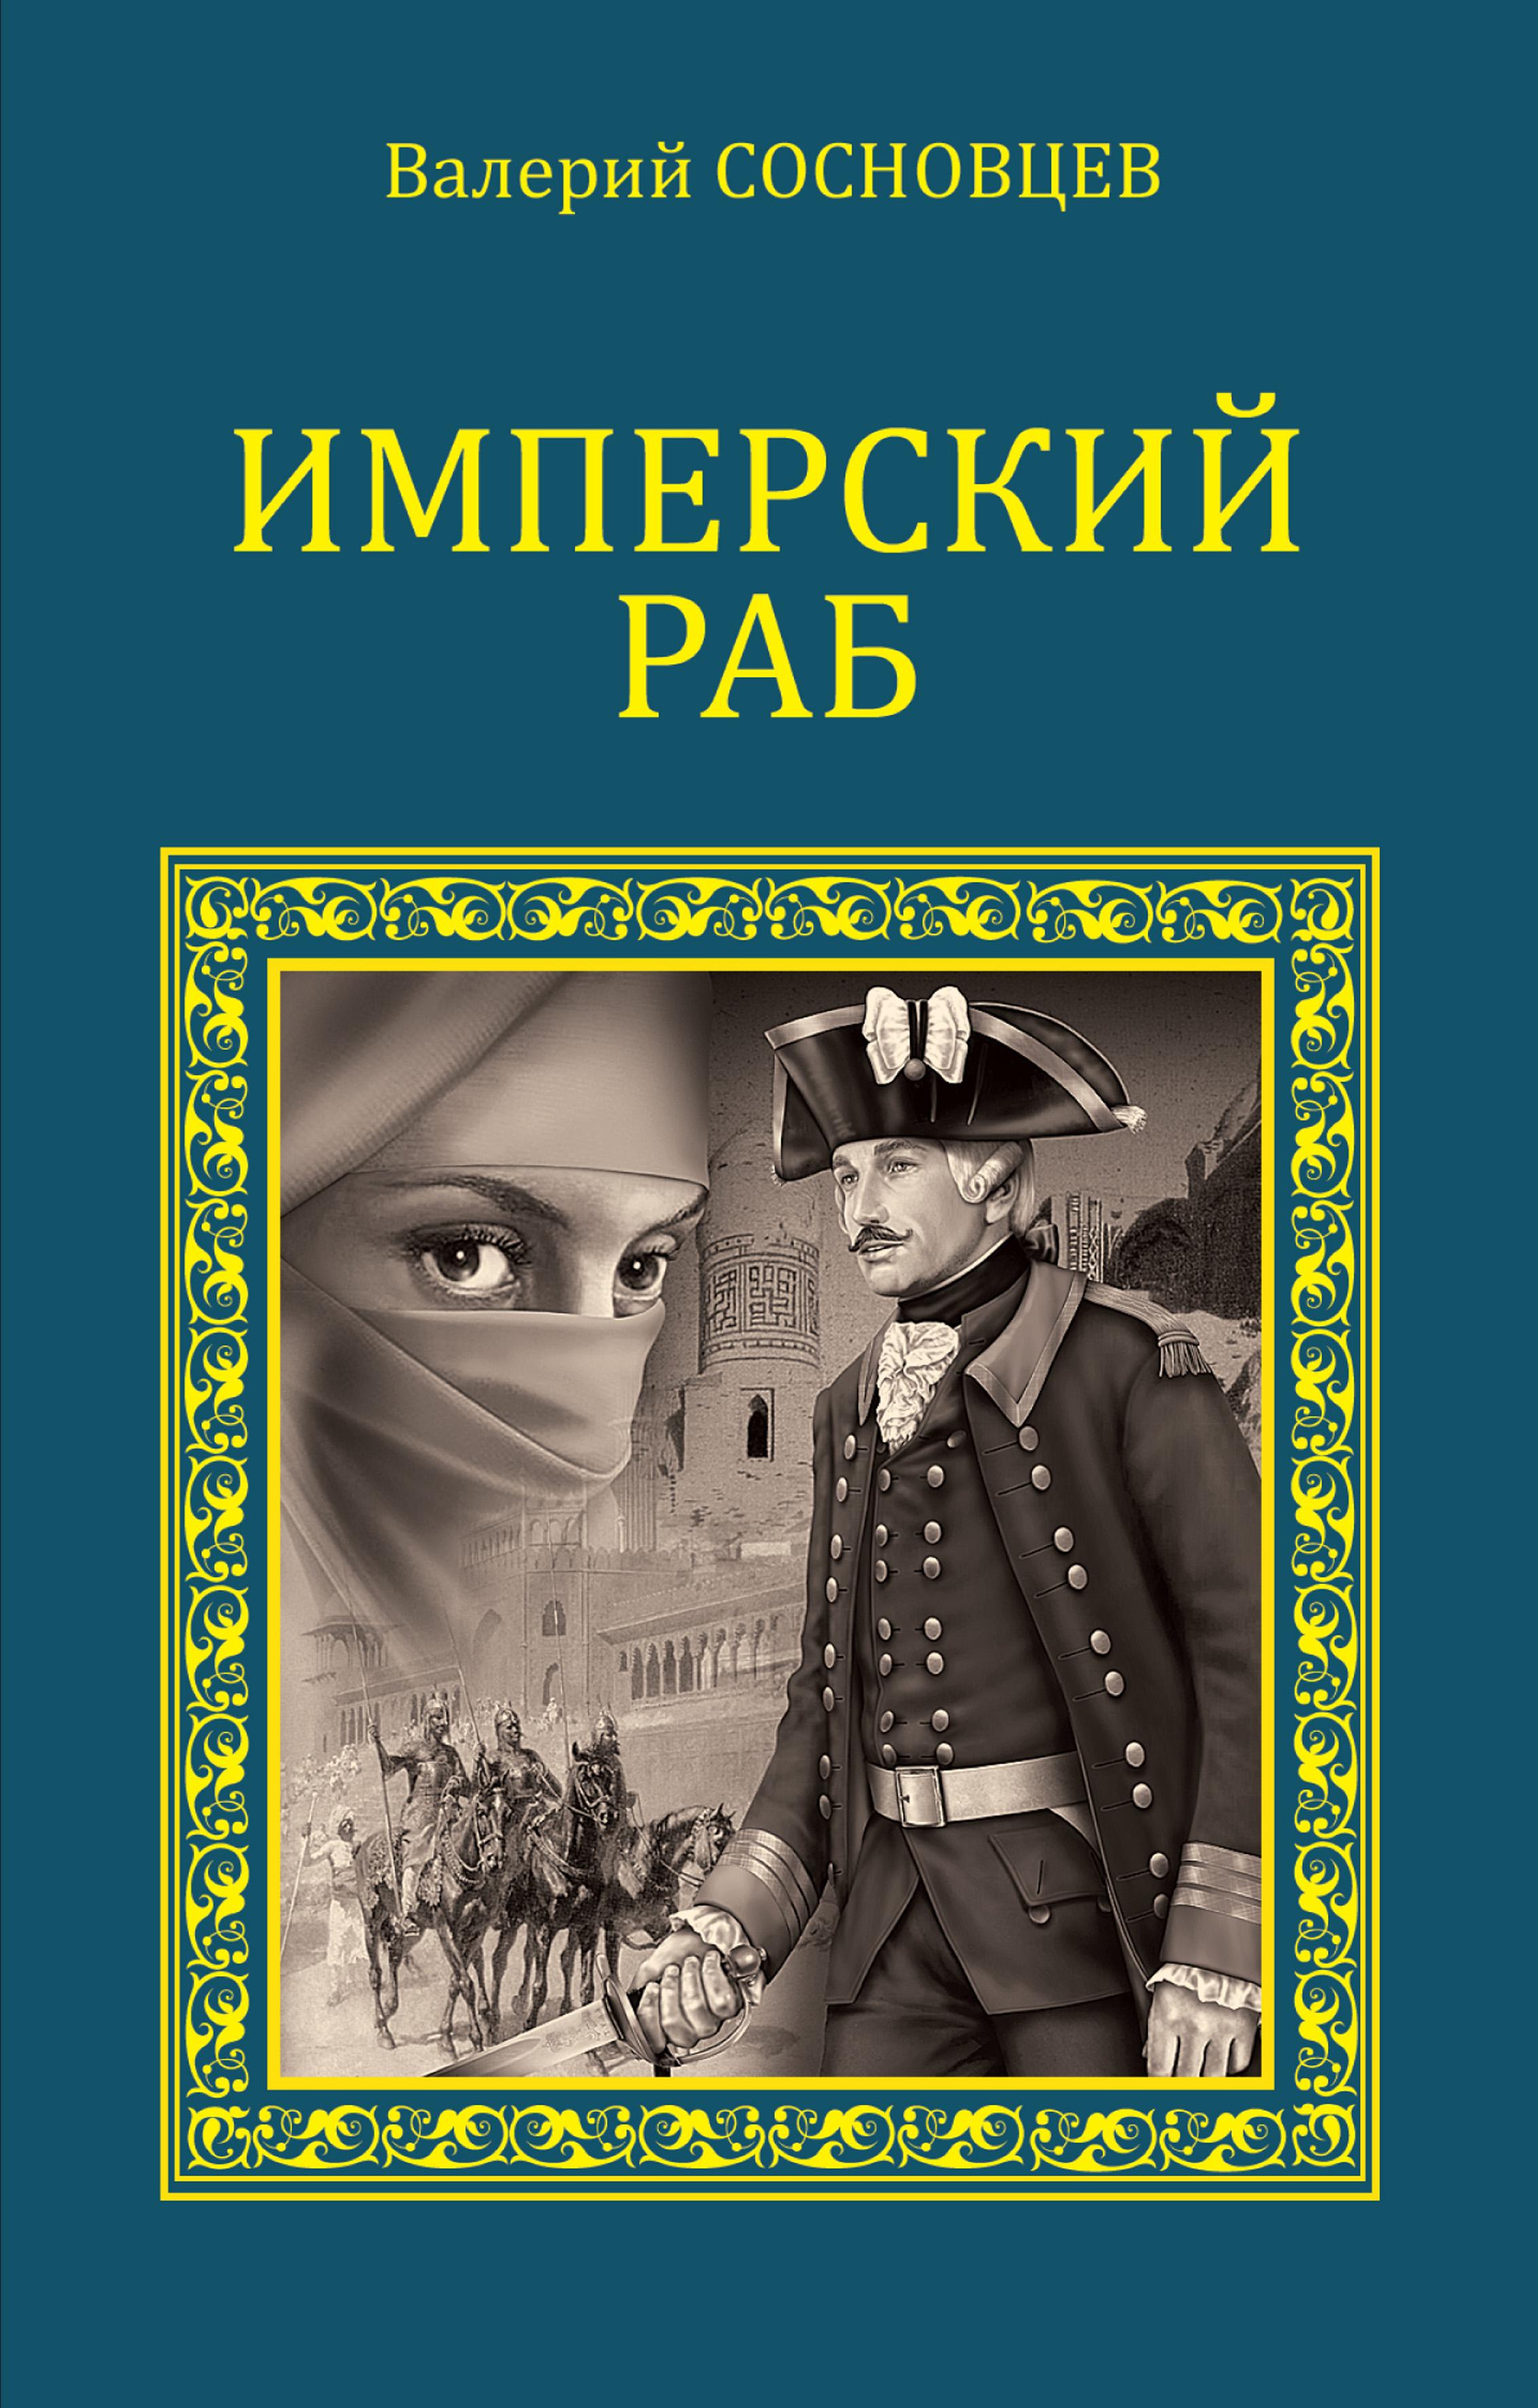 Валерий Сосновцев «Имперский раб»